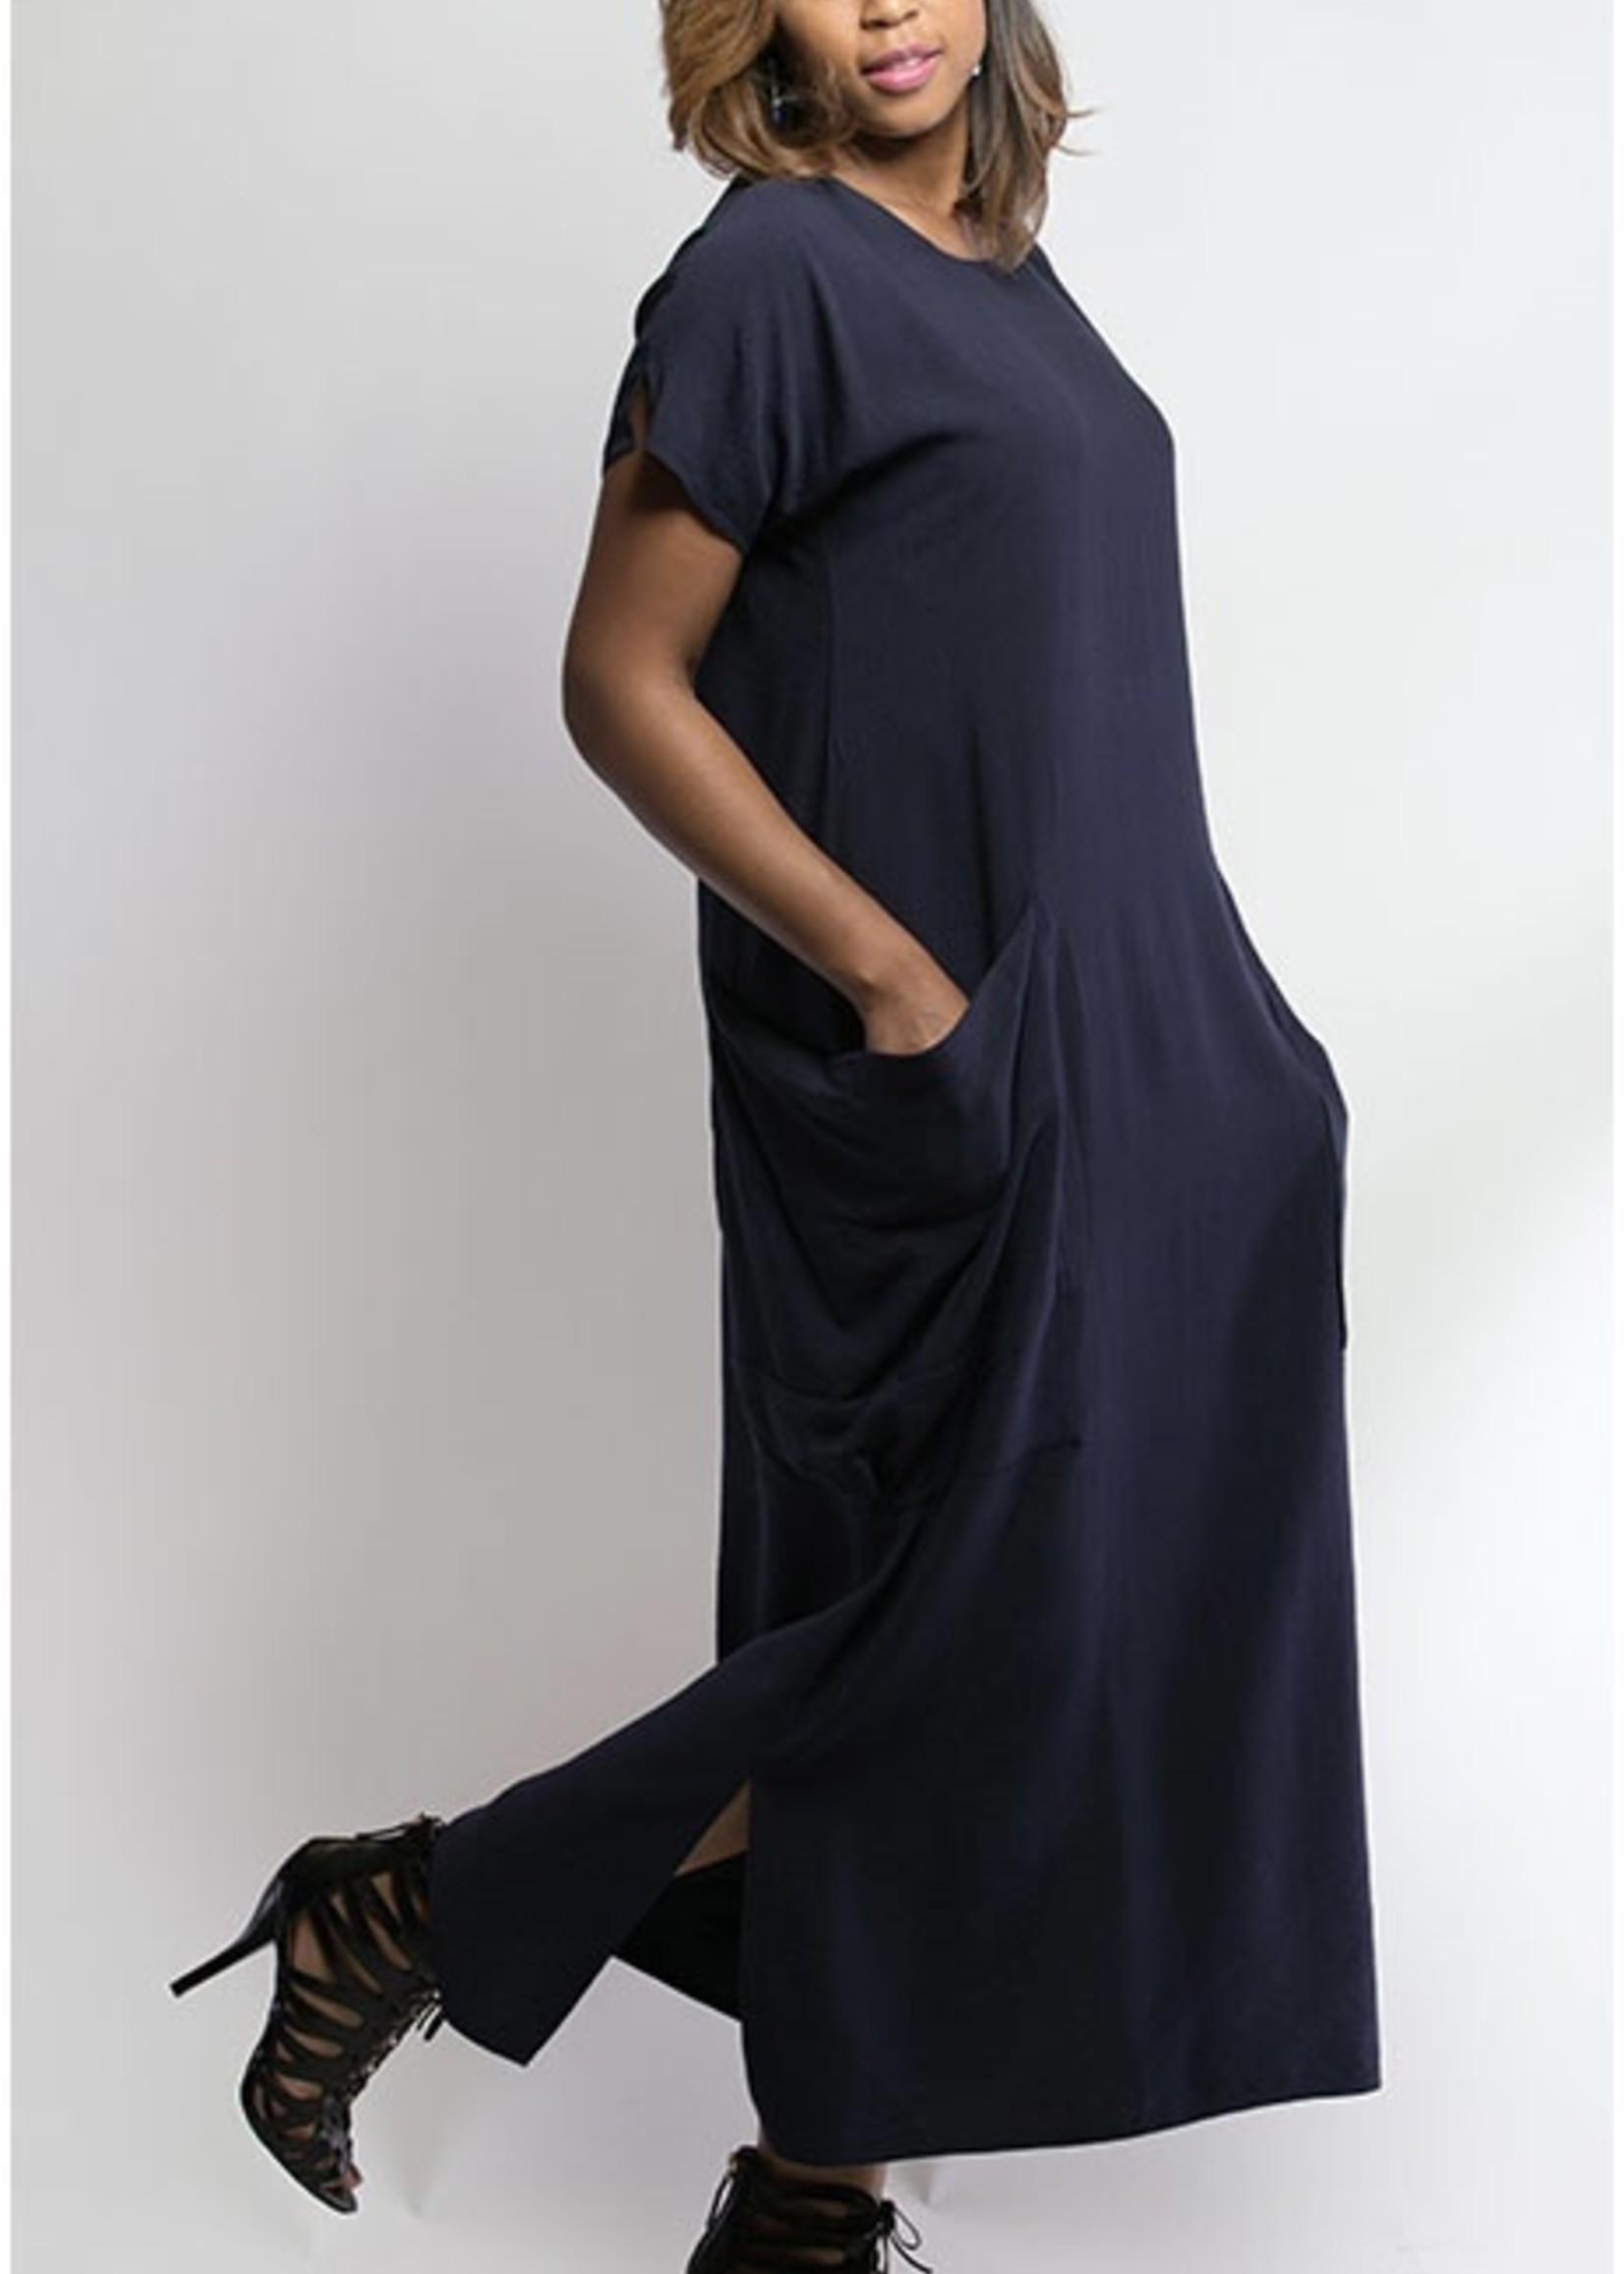 SARAH KUENYEFU LONG POCKET DRESS